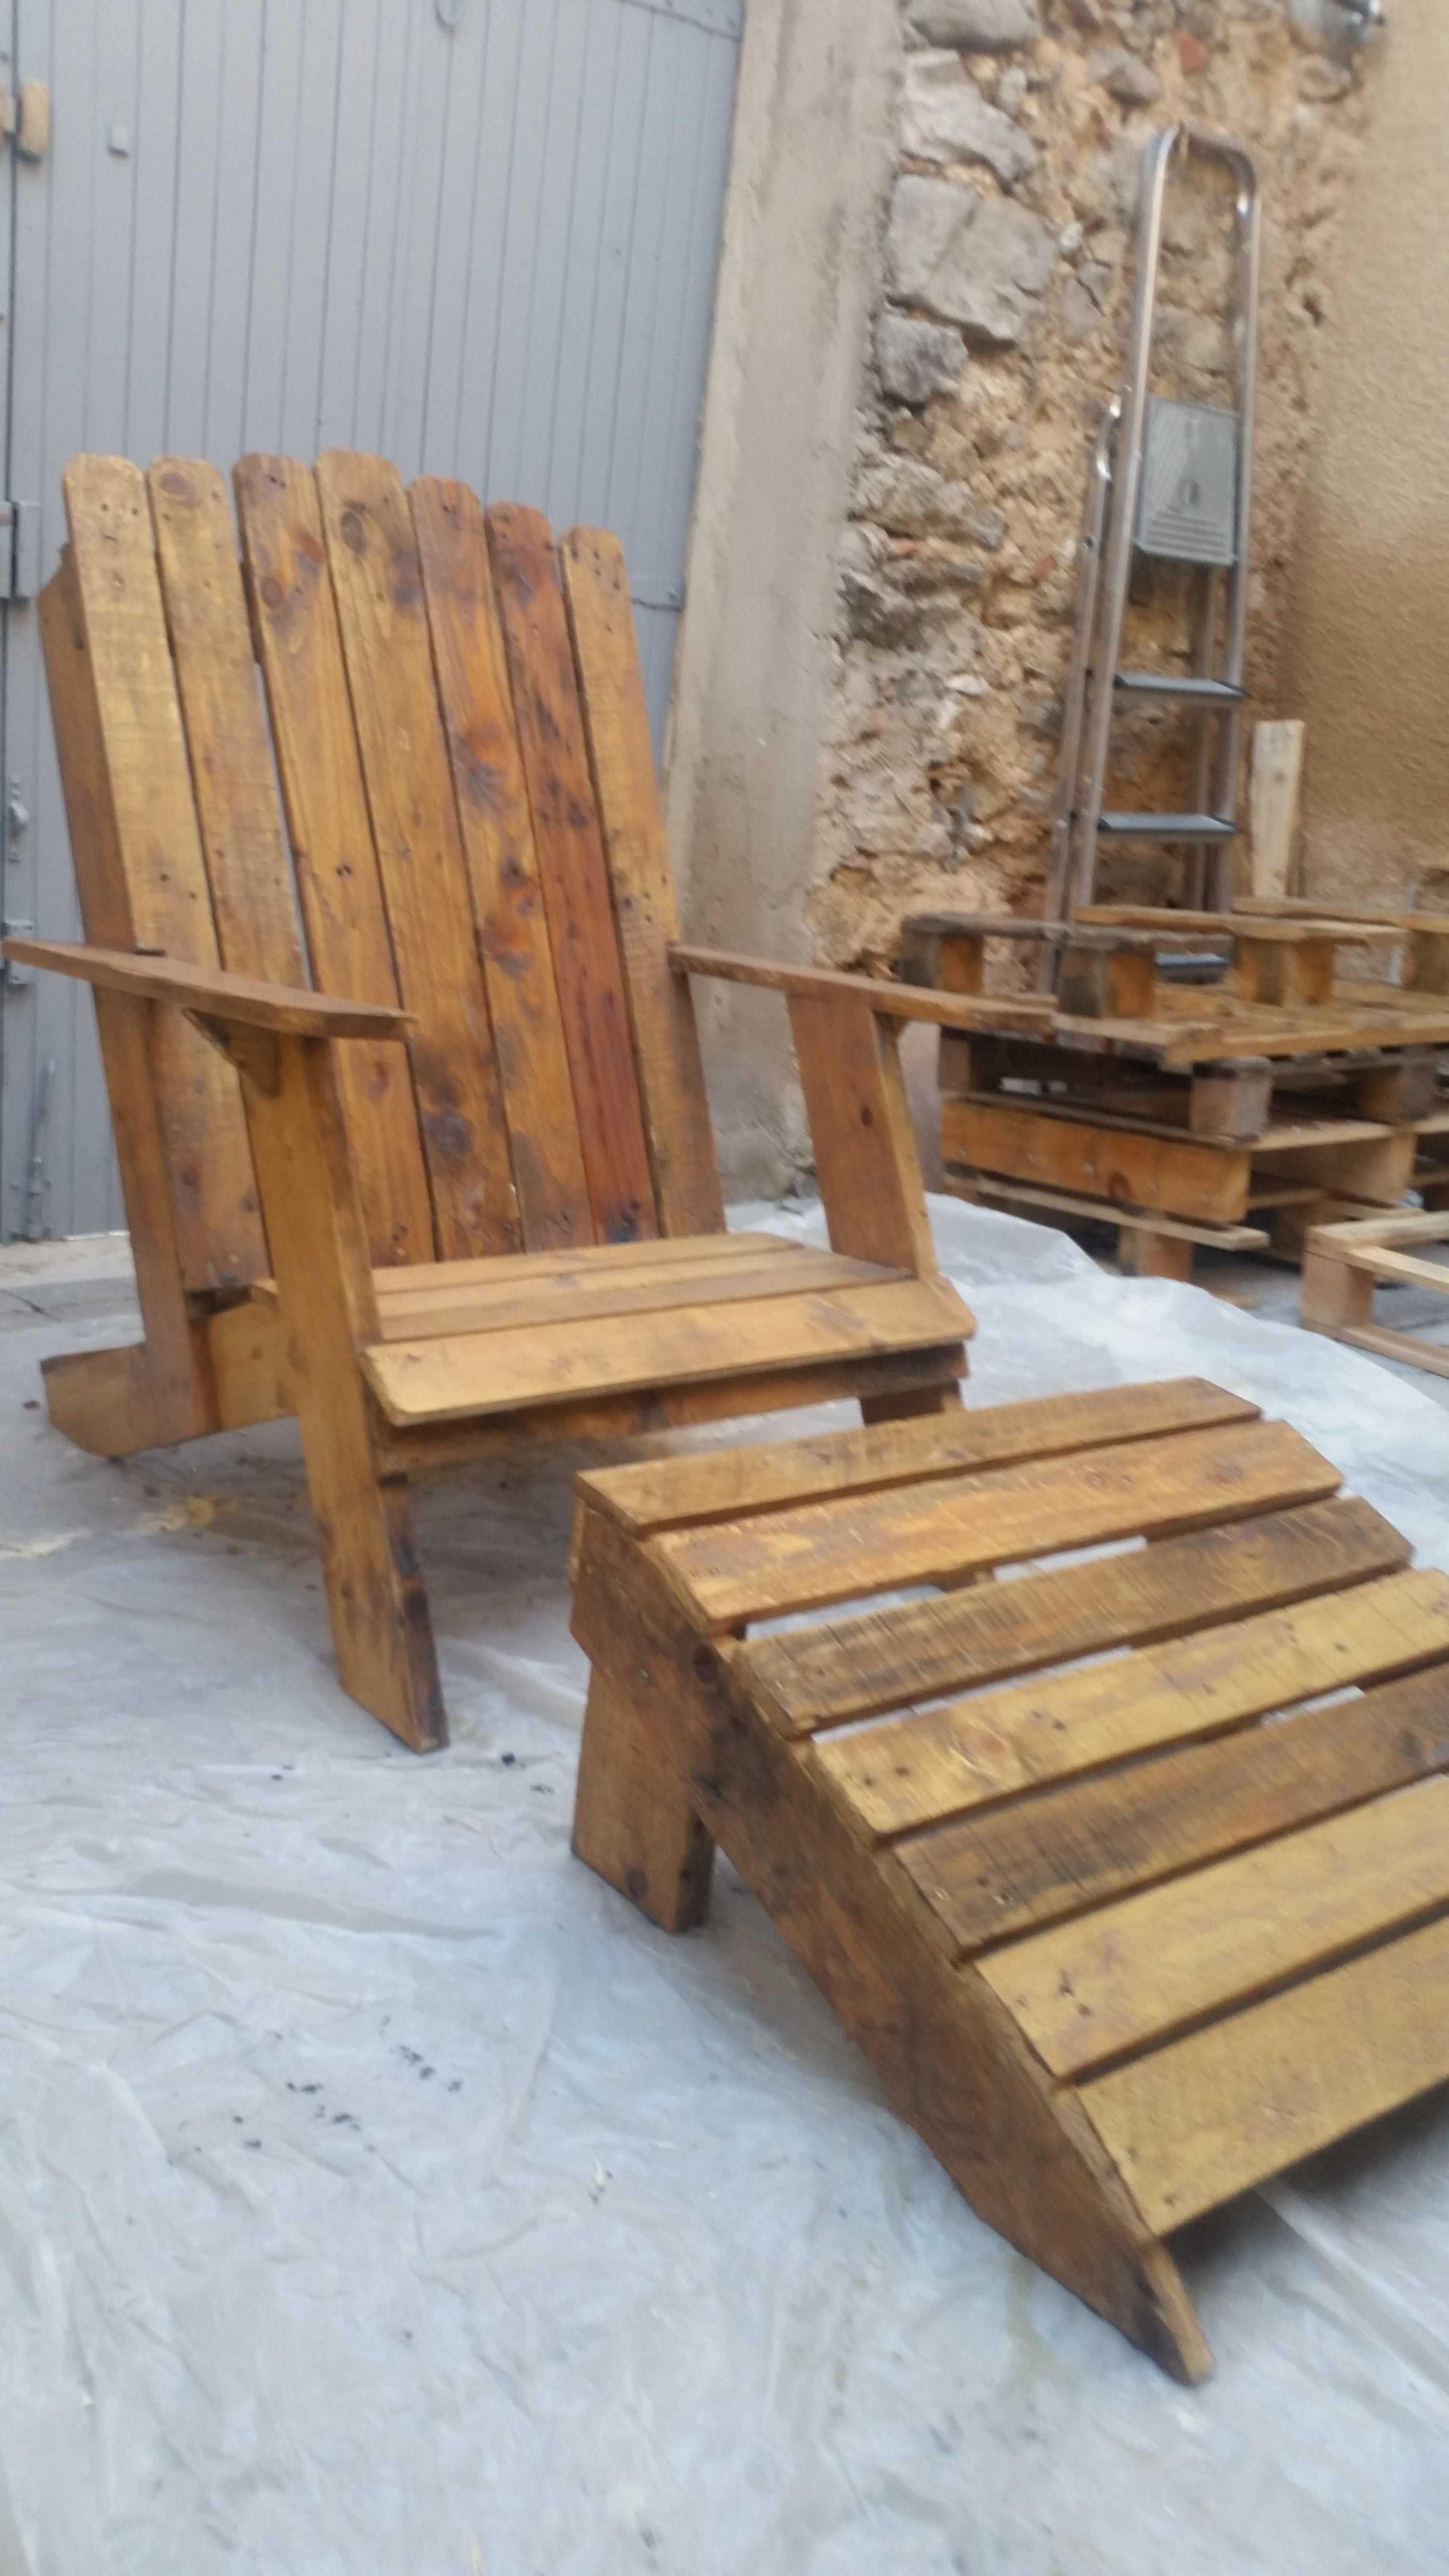 adirondack chair photo frame favors wooden captains chairs uk pallet pinterest sillas de jardín